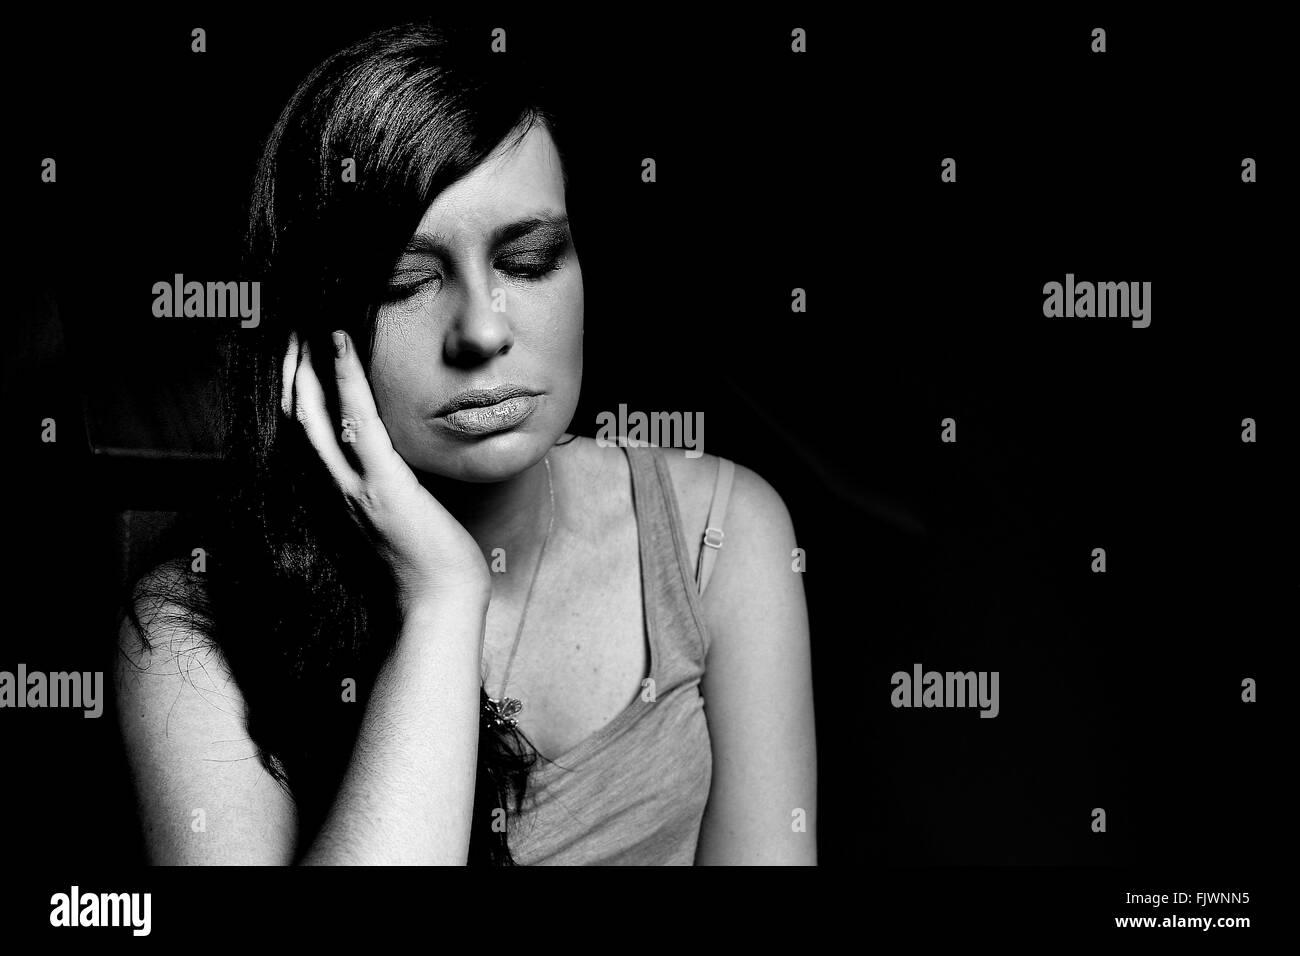 Junge Frau mit Augen geschlossen vor schwarzem Hintergrund Stockbild